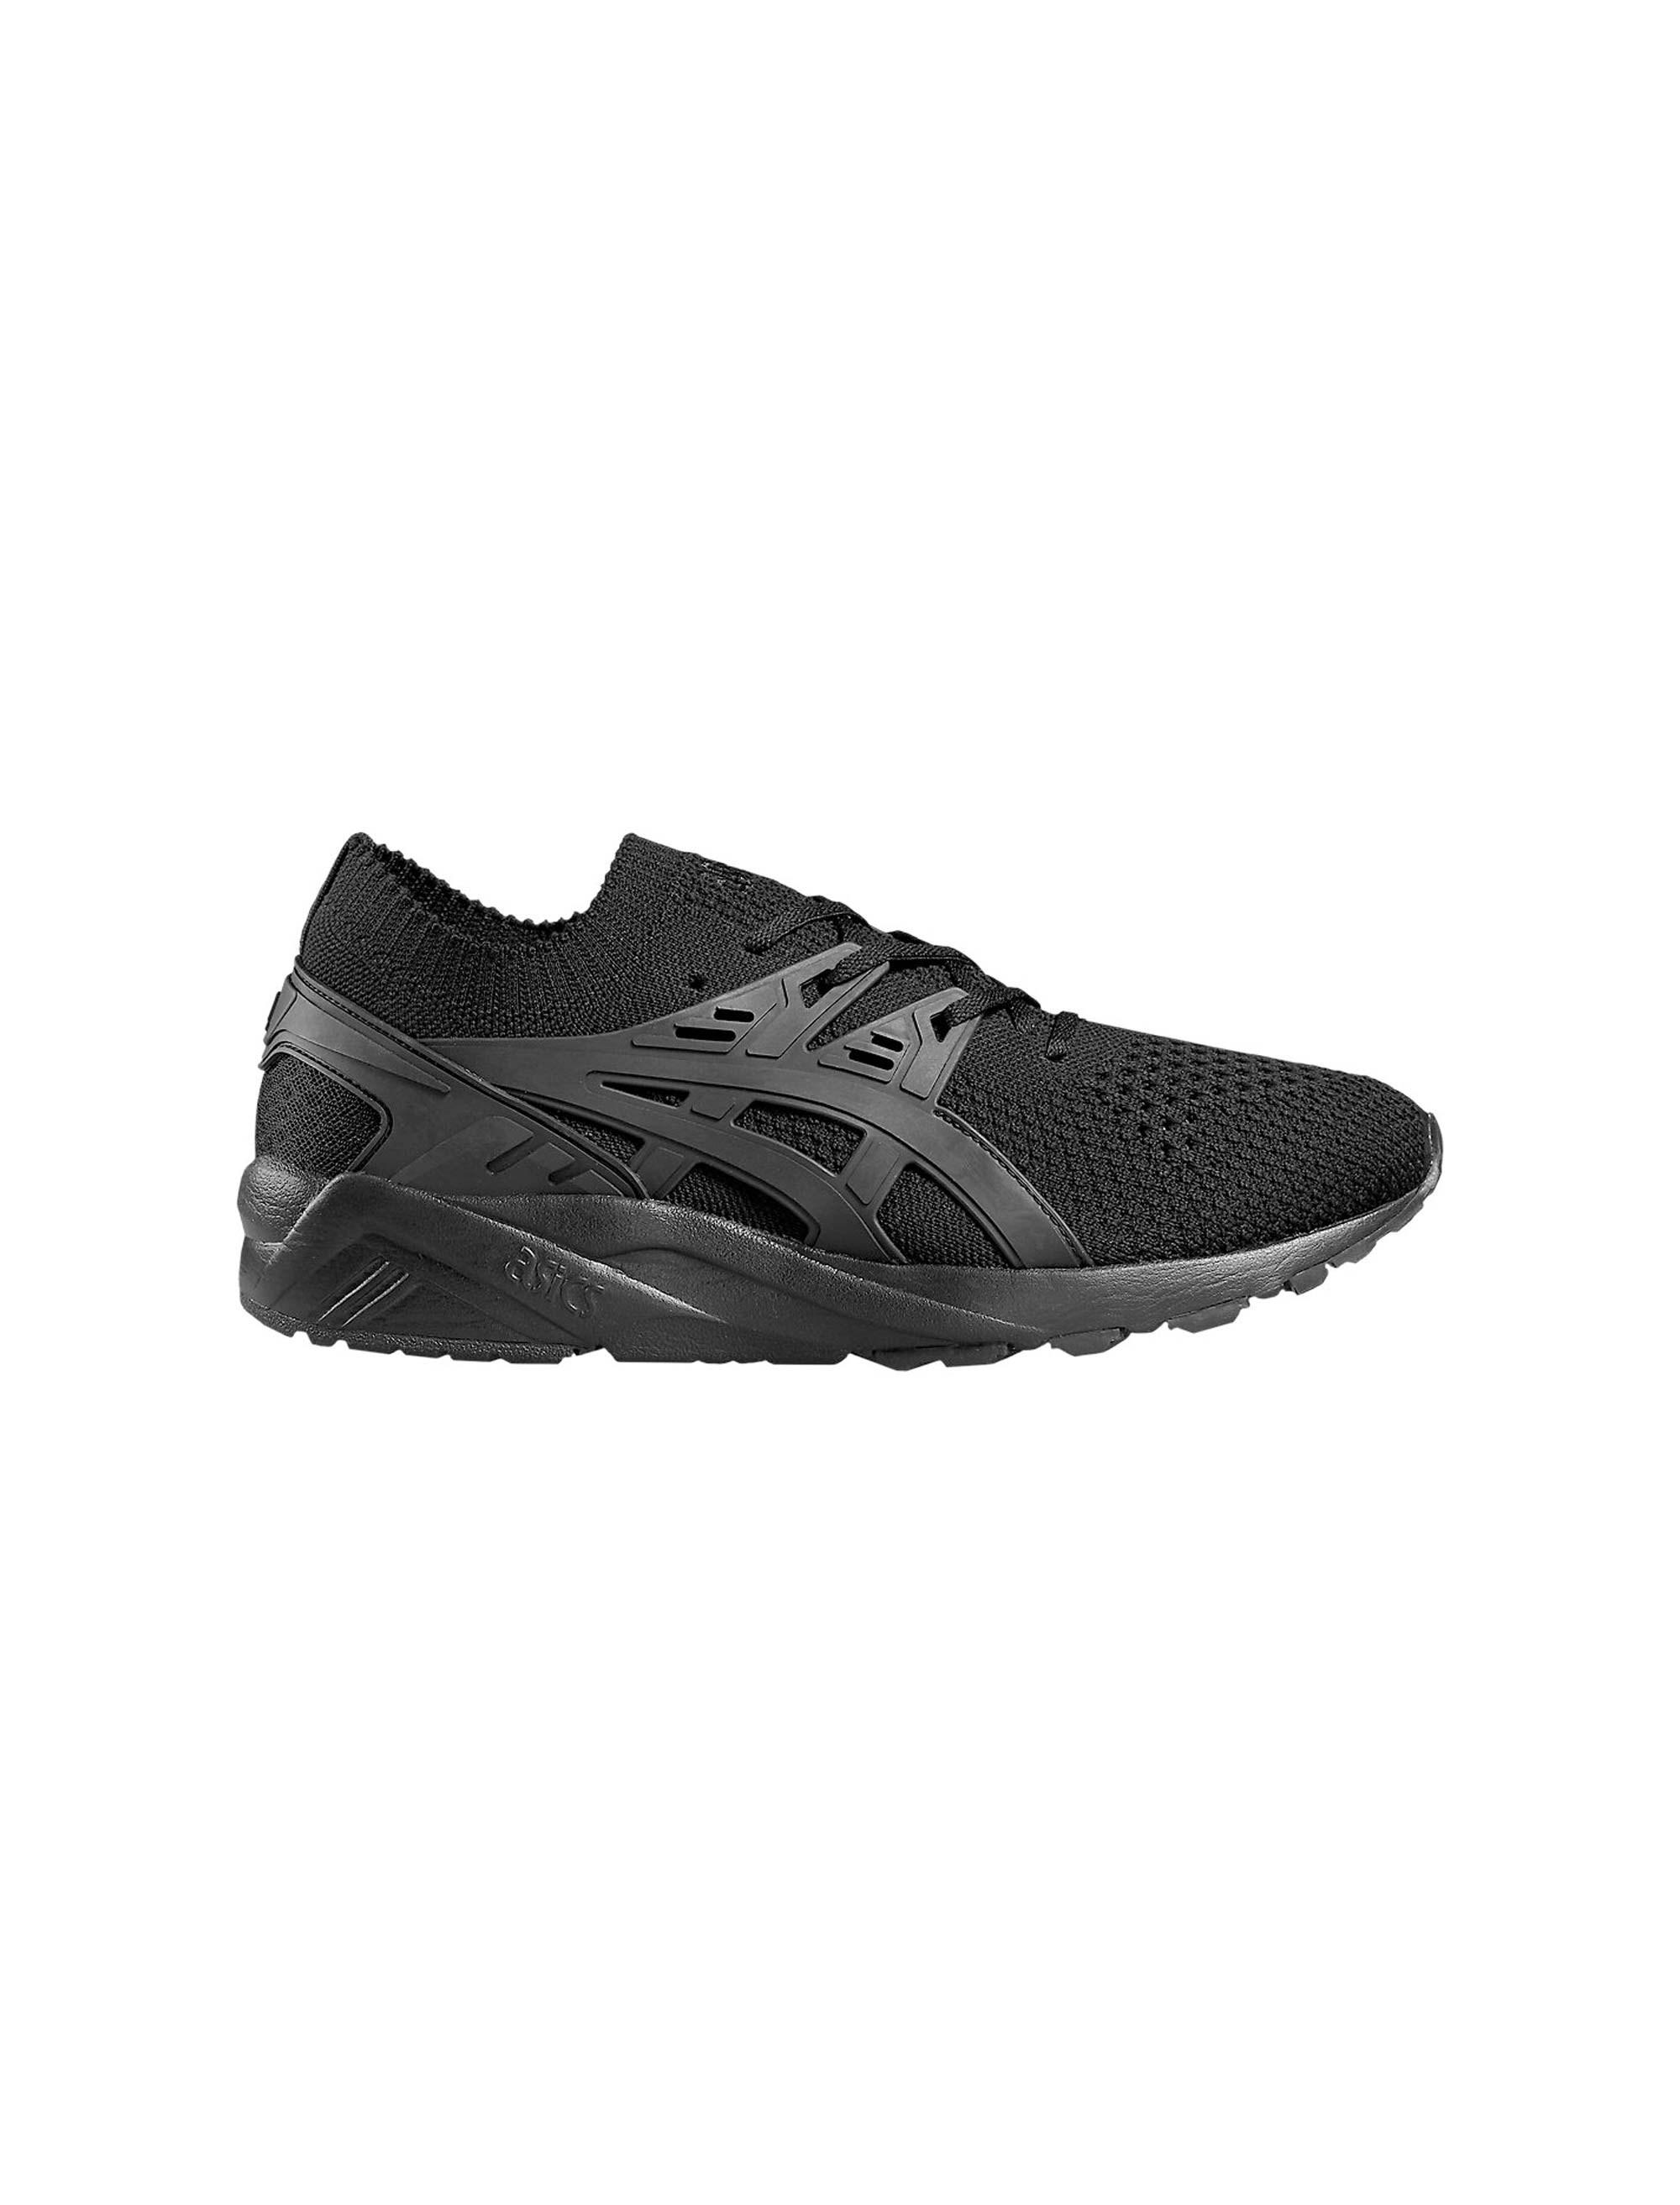 قیمت کفش دویدن بندی مردانه GEL-KAYANO - اسیکس